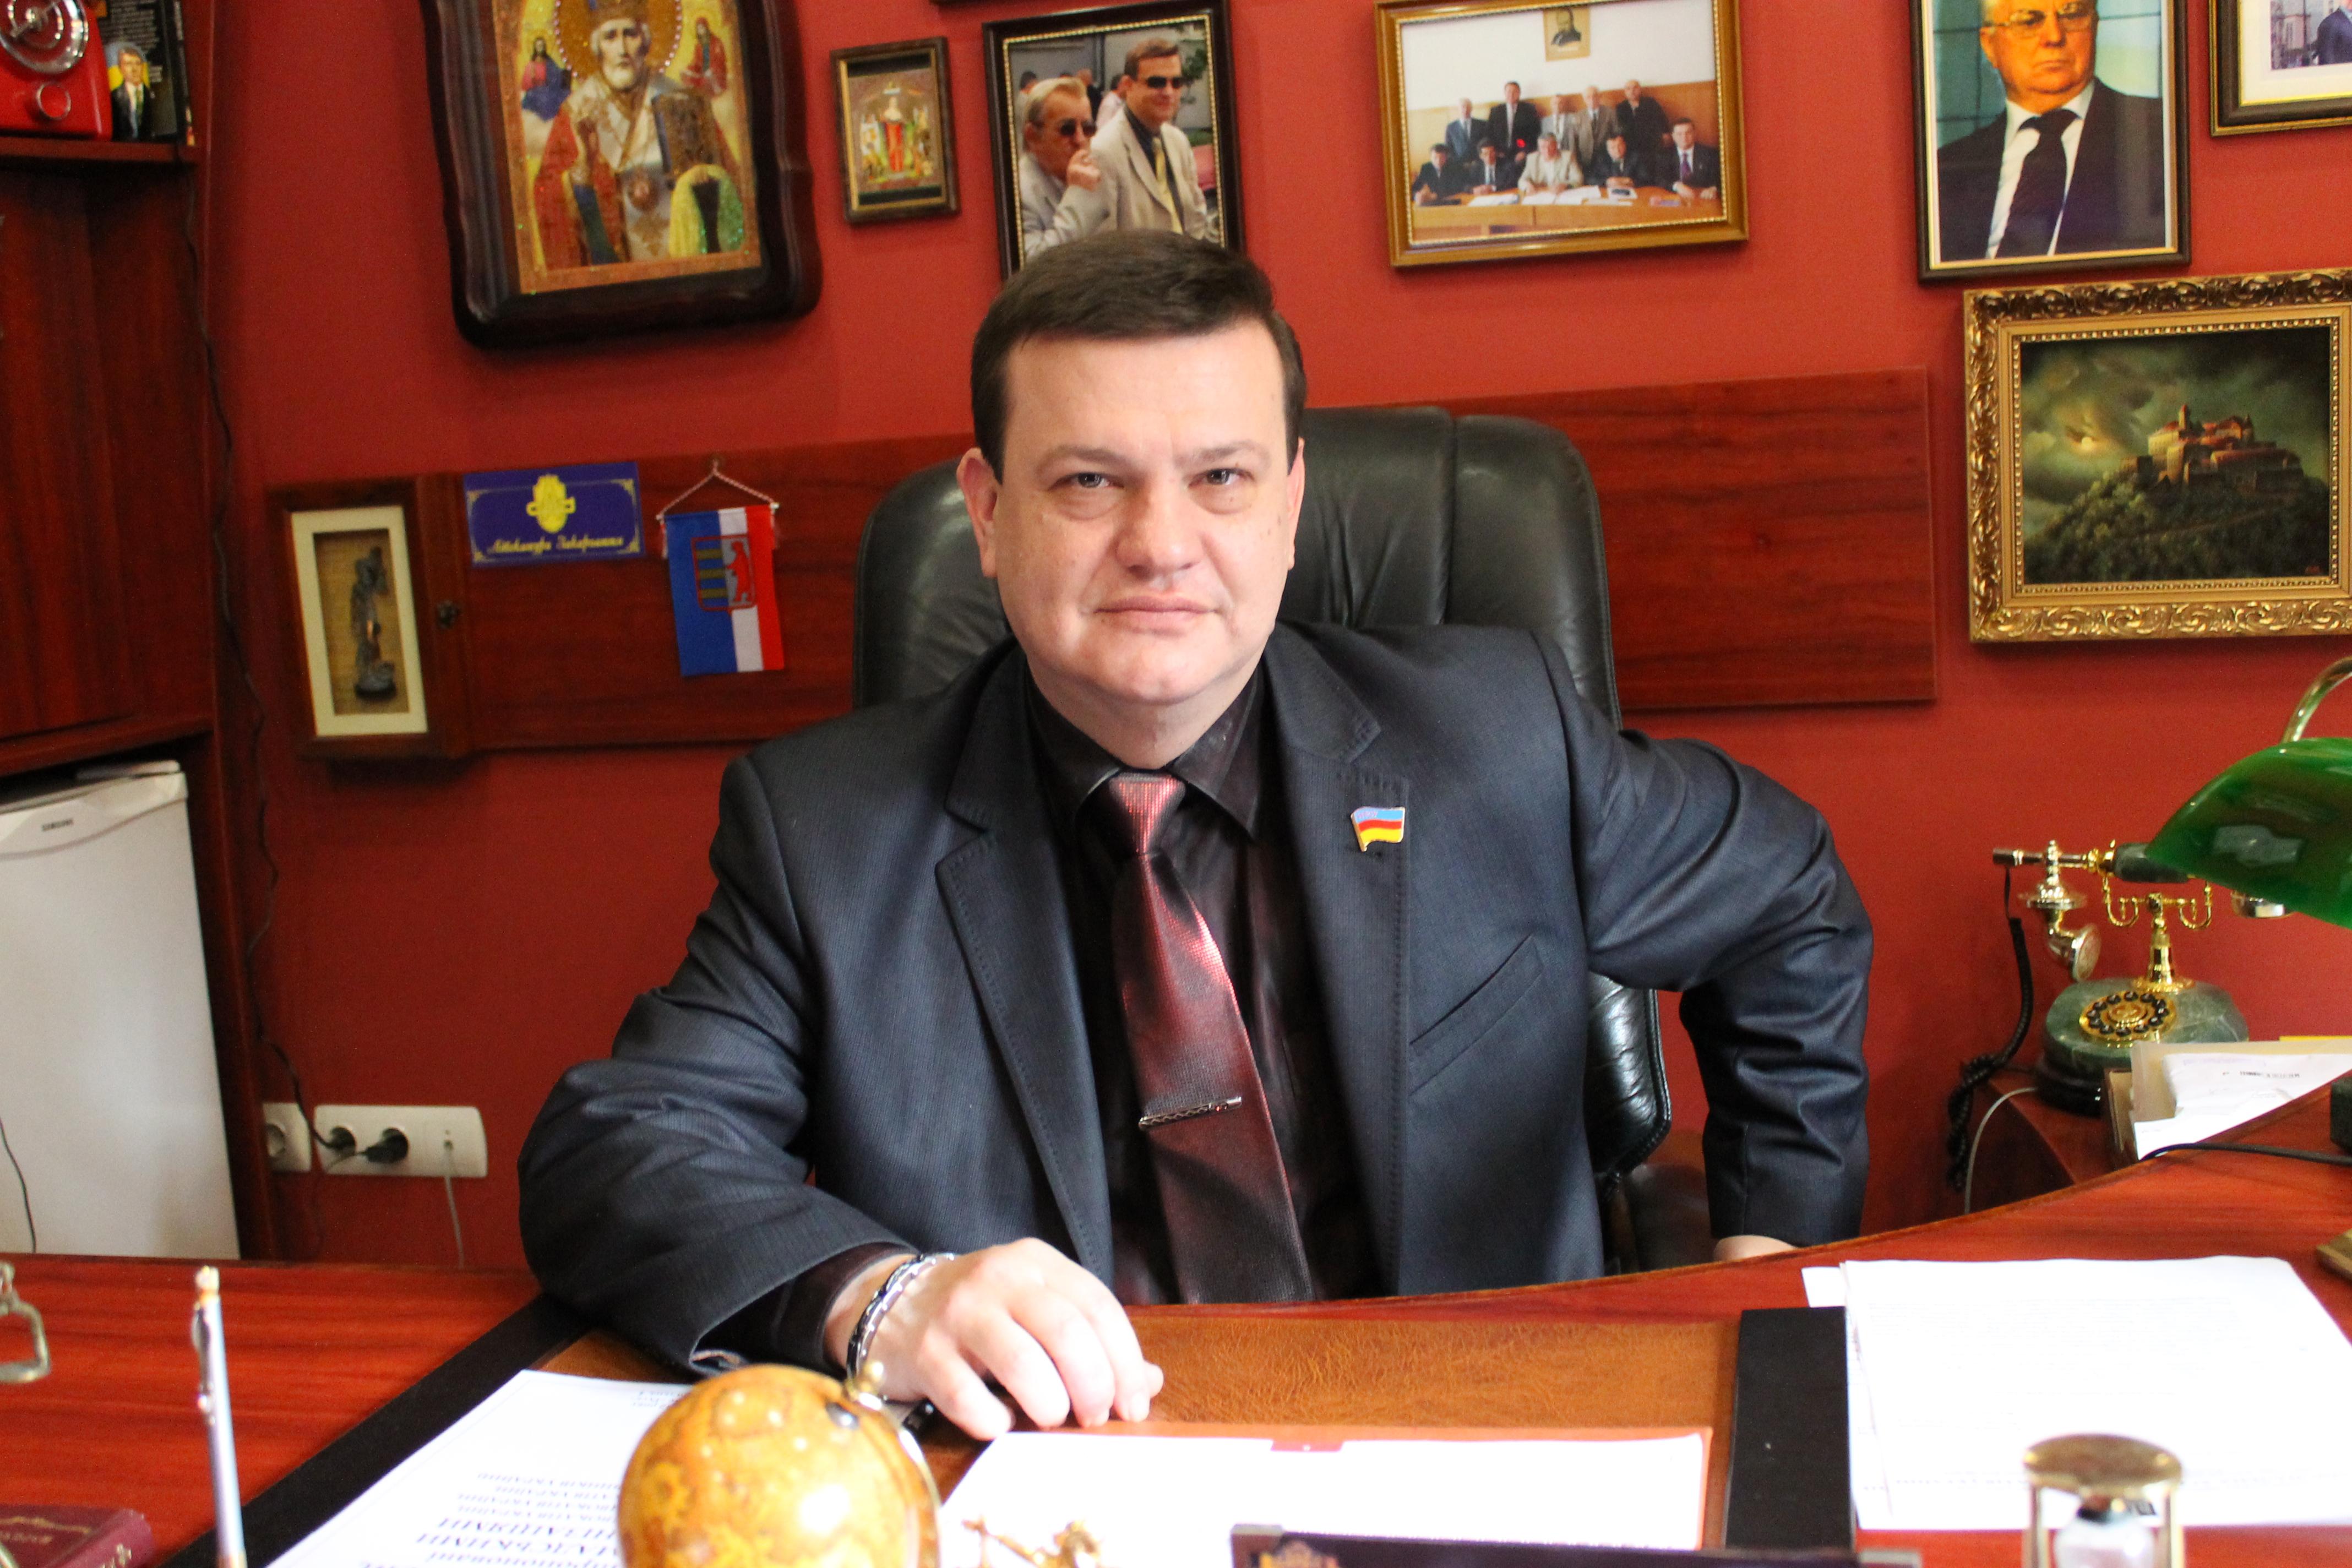 Голова Національної асоціації Адвокатів України привітала Олексія Фазекоша з ювілеєм